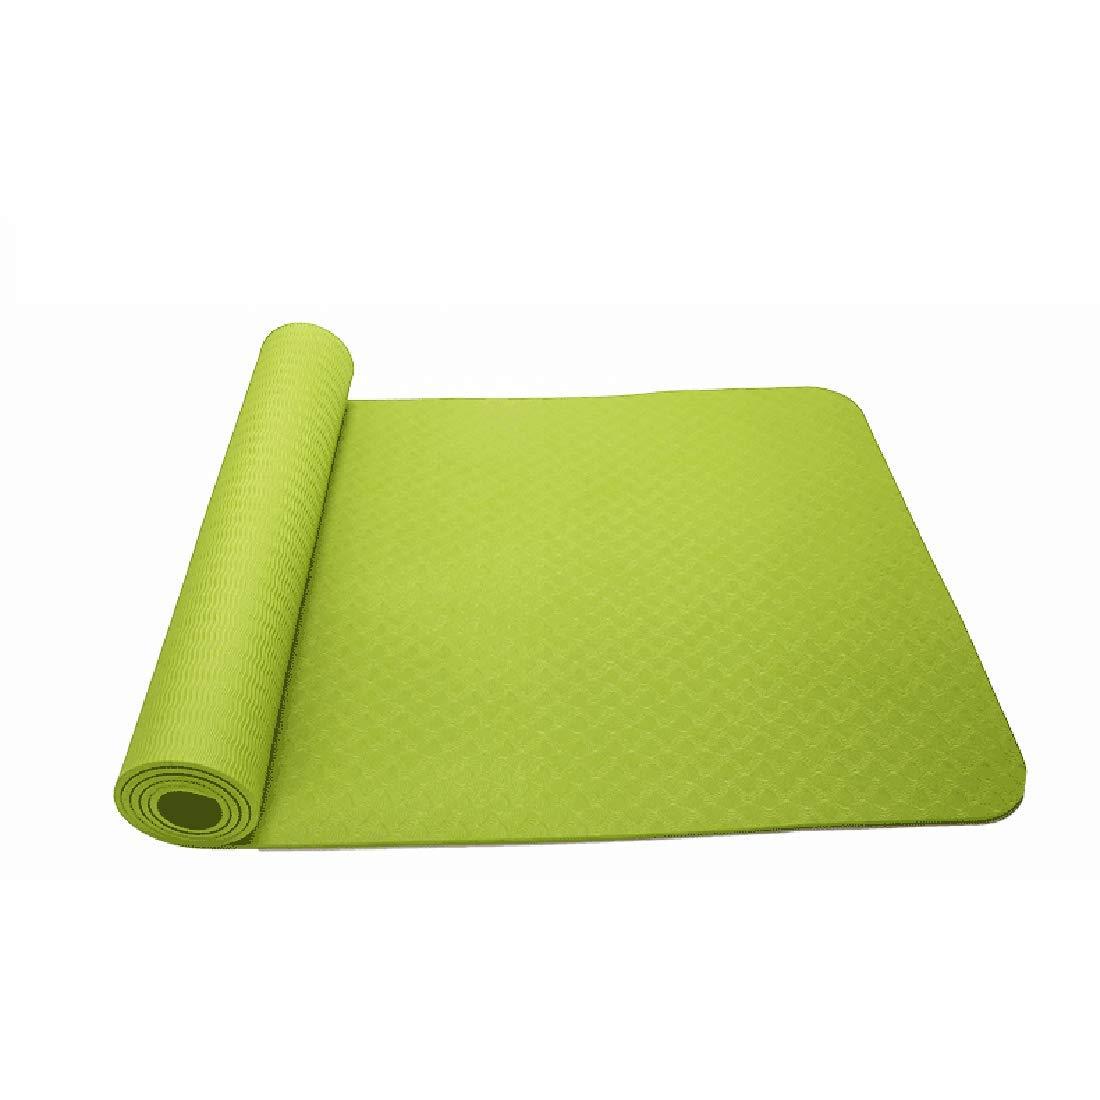 Fepelasi Yogamatte Umweltfreundliche TPE8mm Sportmatte Geeignet für die Turnhallenfamilie (Farbe : Light Grün, Größe : 183cm)